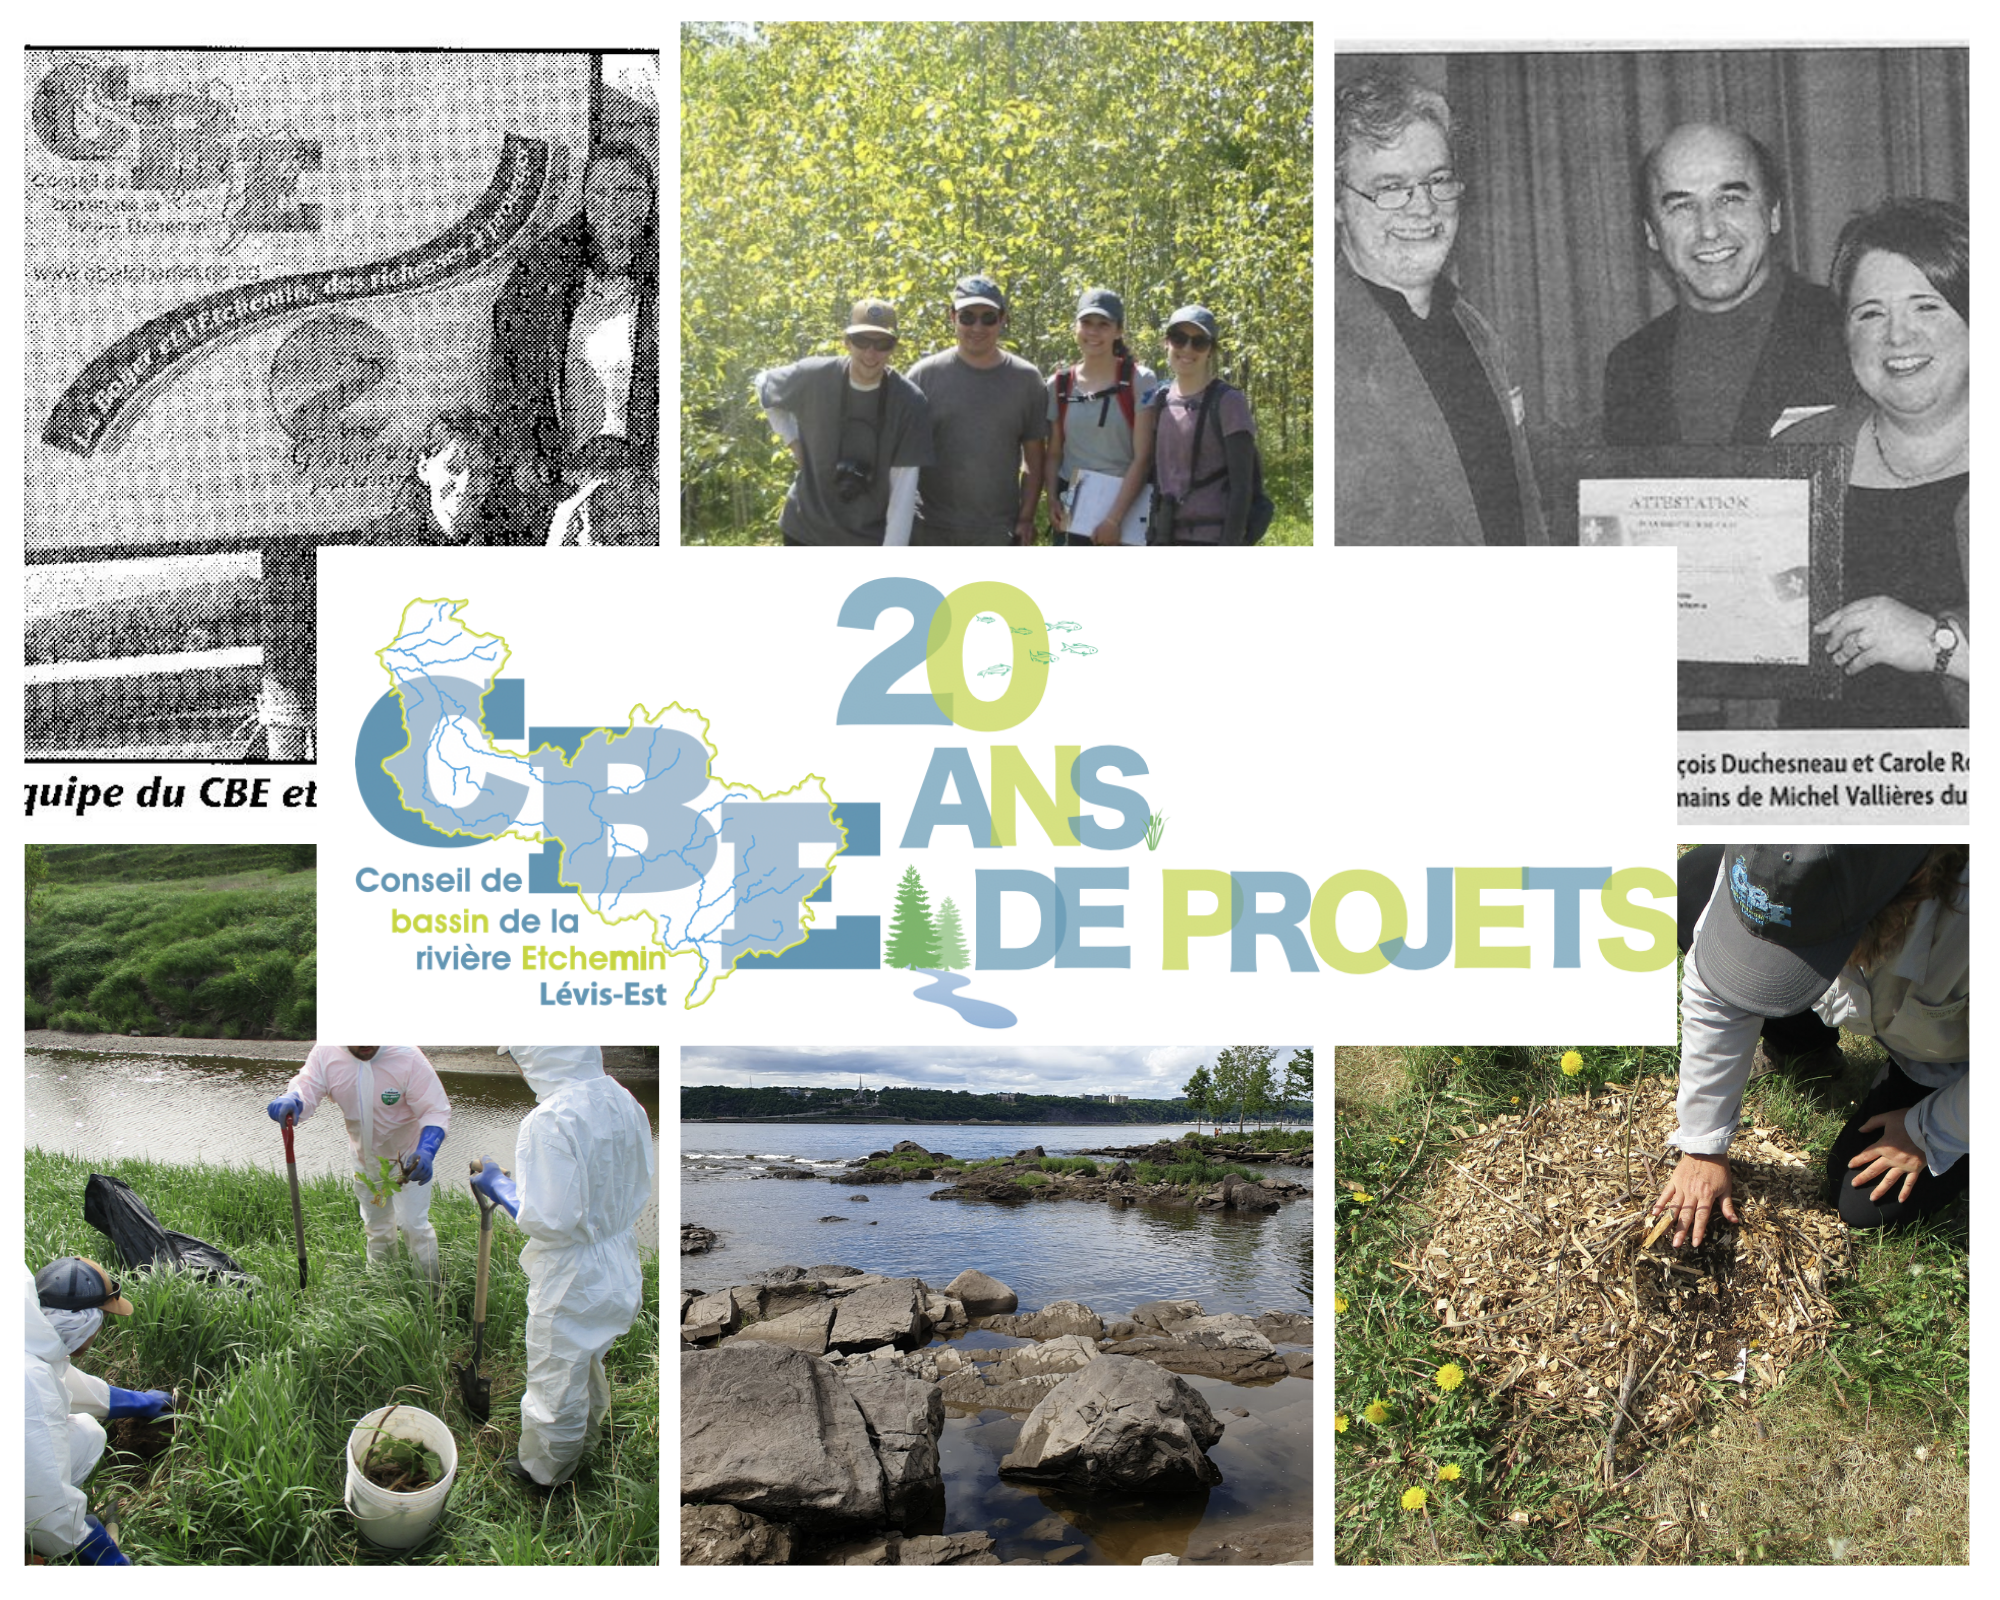 20 ans de projets CBE